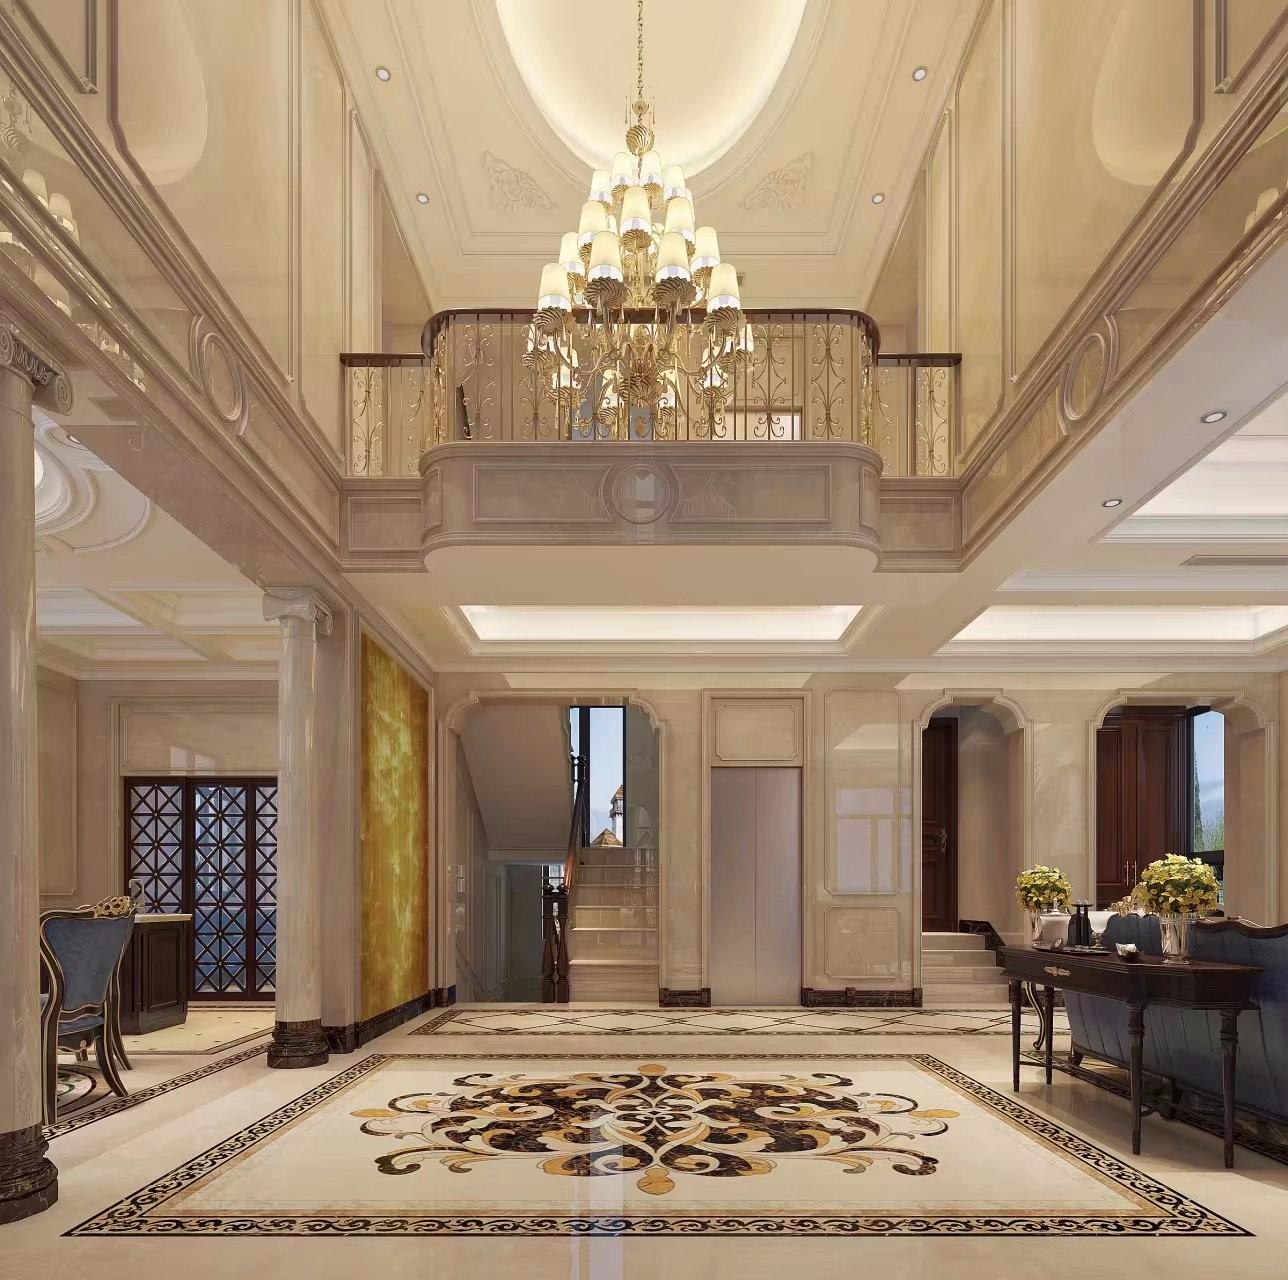 豪华欧式别墅门厅装修效果图